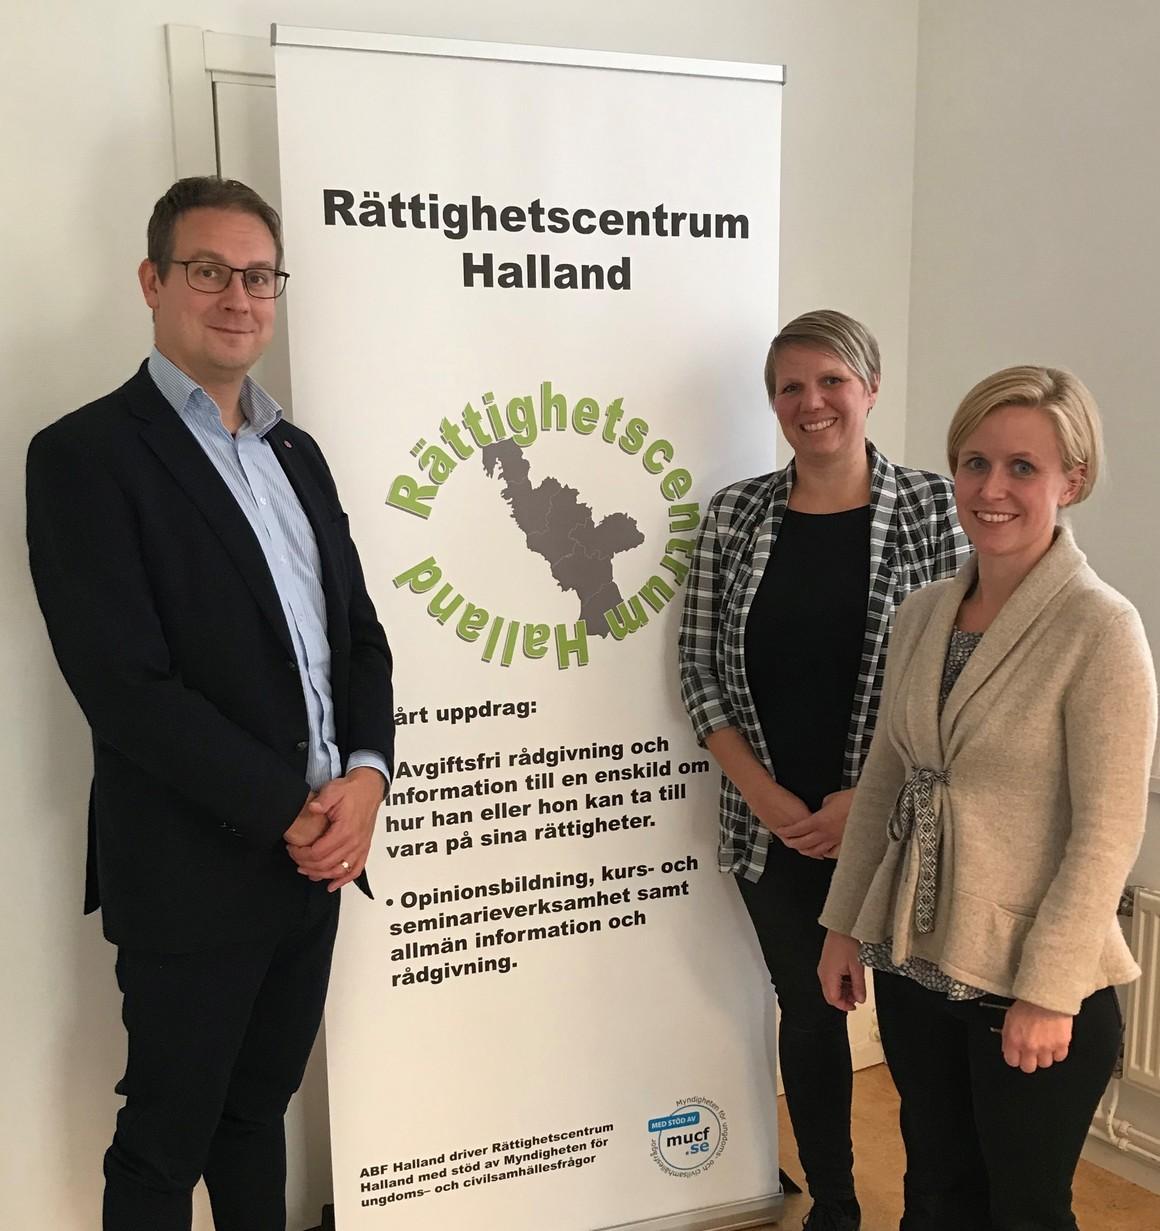 Ola Möller och Sofie och Anna från Rättighetscentrum Halland står framför en roll-up med text och logga för Rättighetscentrum Halland